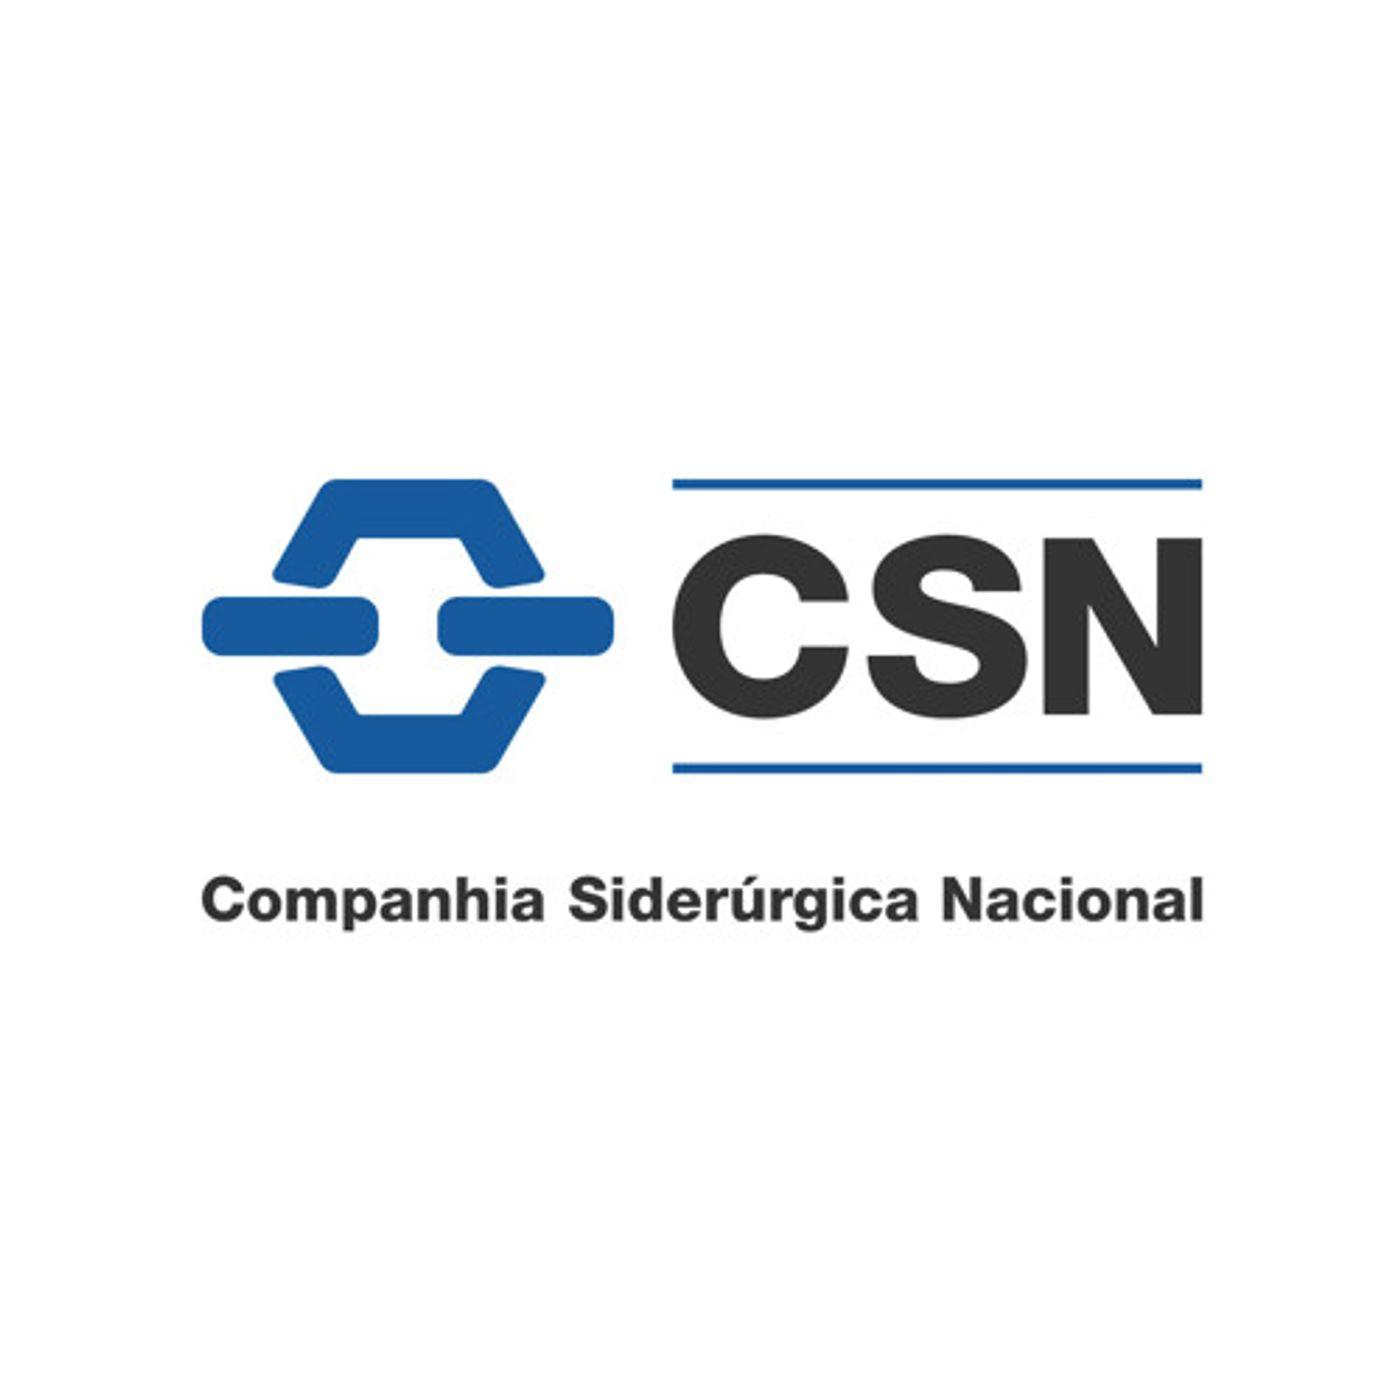 Teleconferencia do Resultado CSN CSNA3 1t20